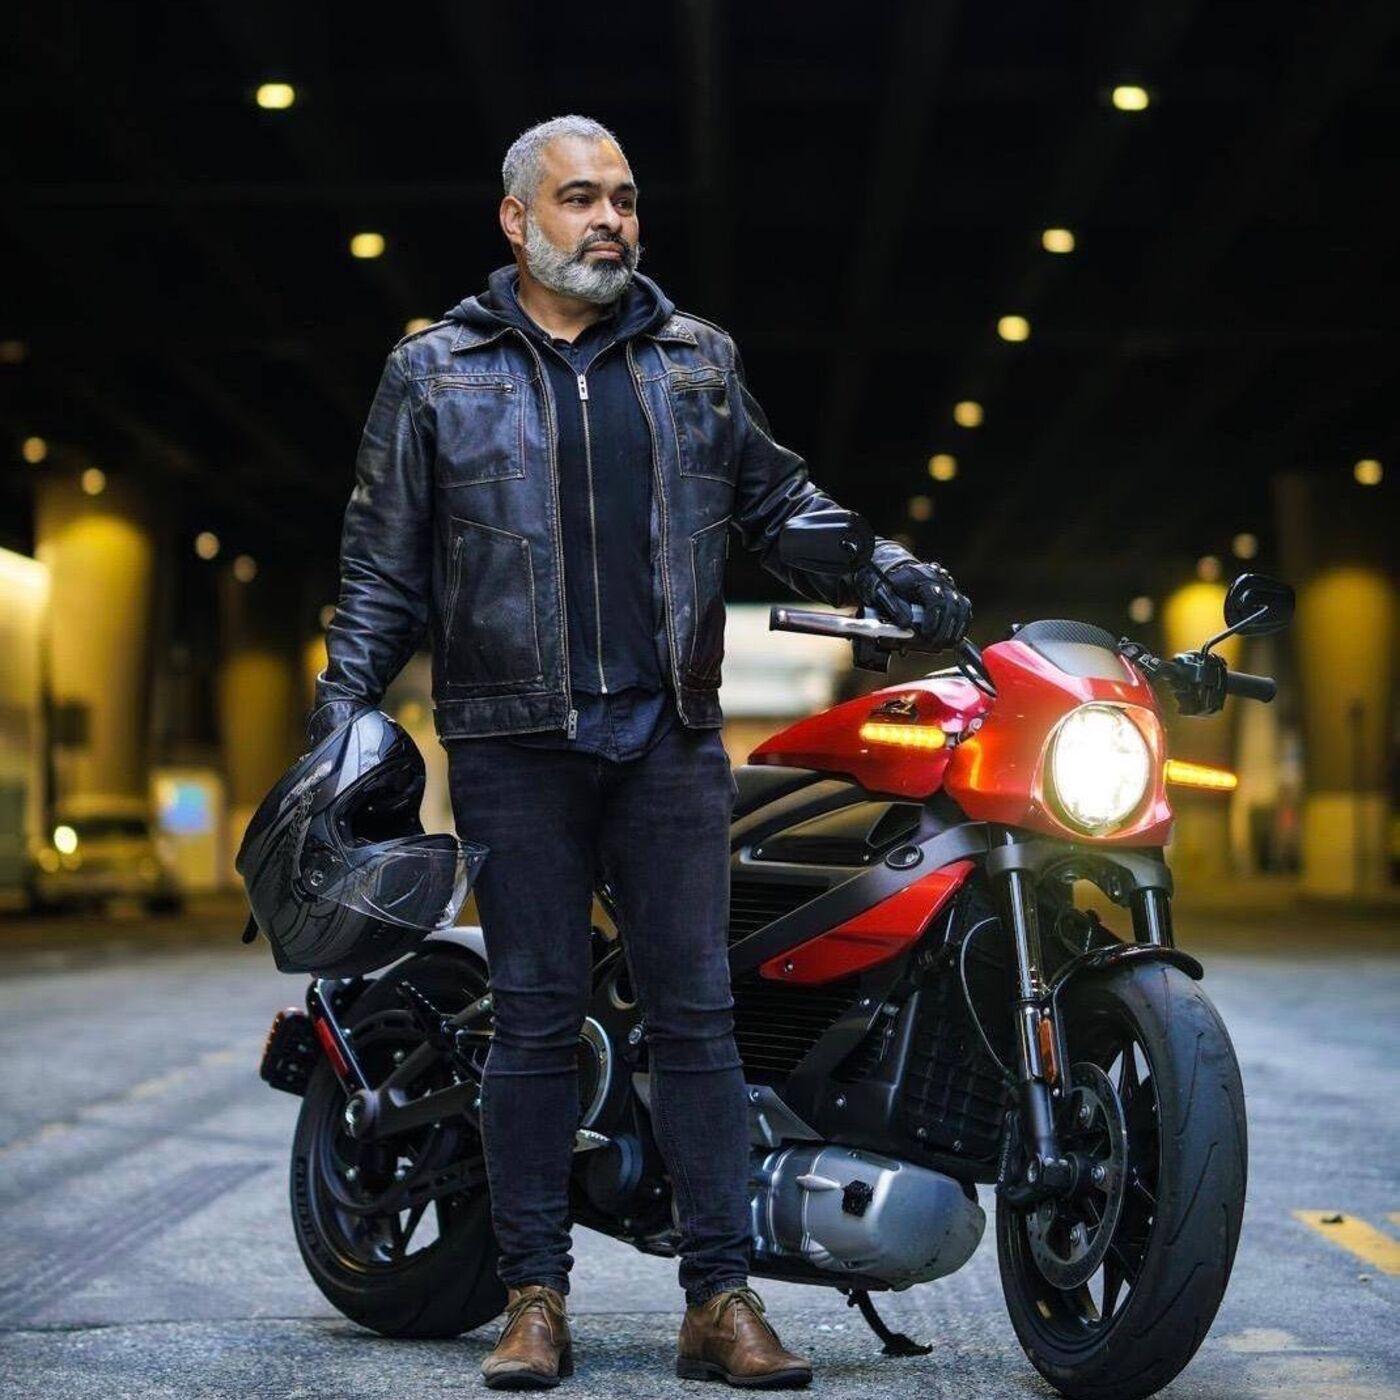 Episode 251 - Interview with HD LiveWire Rider Diego Cardenas